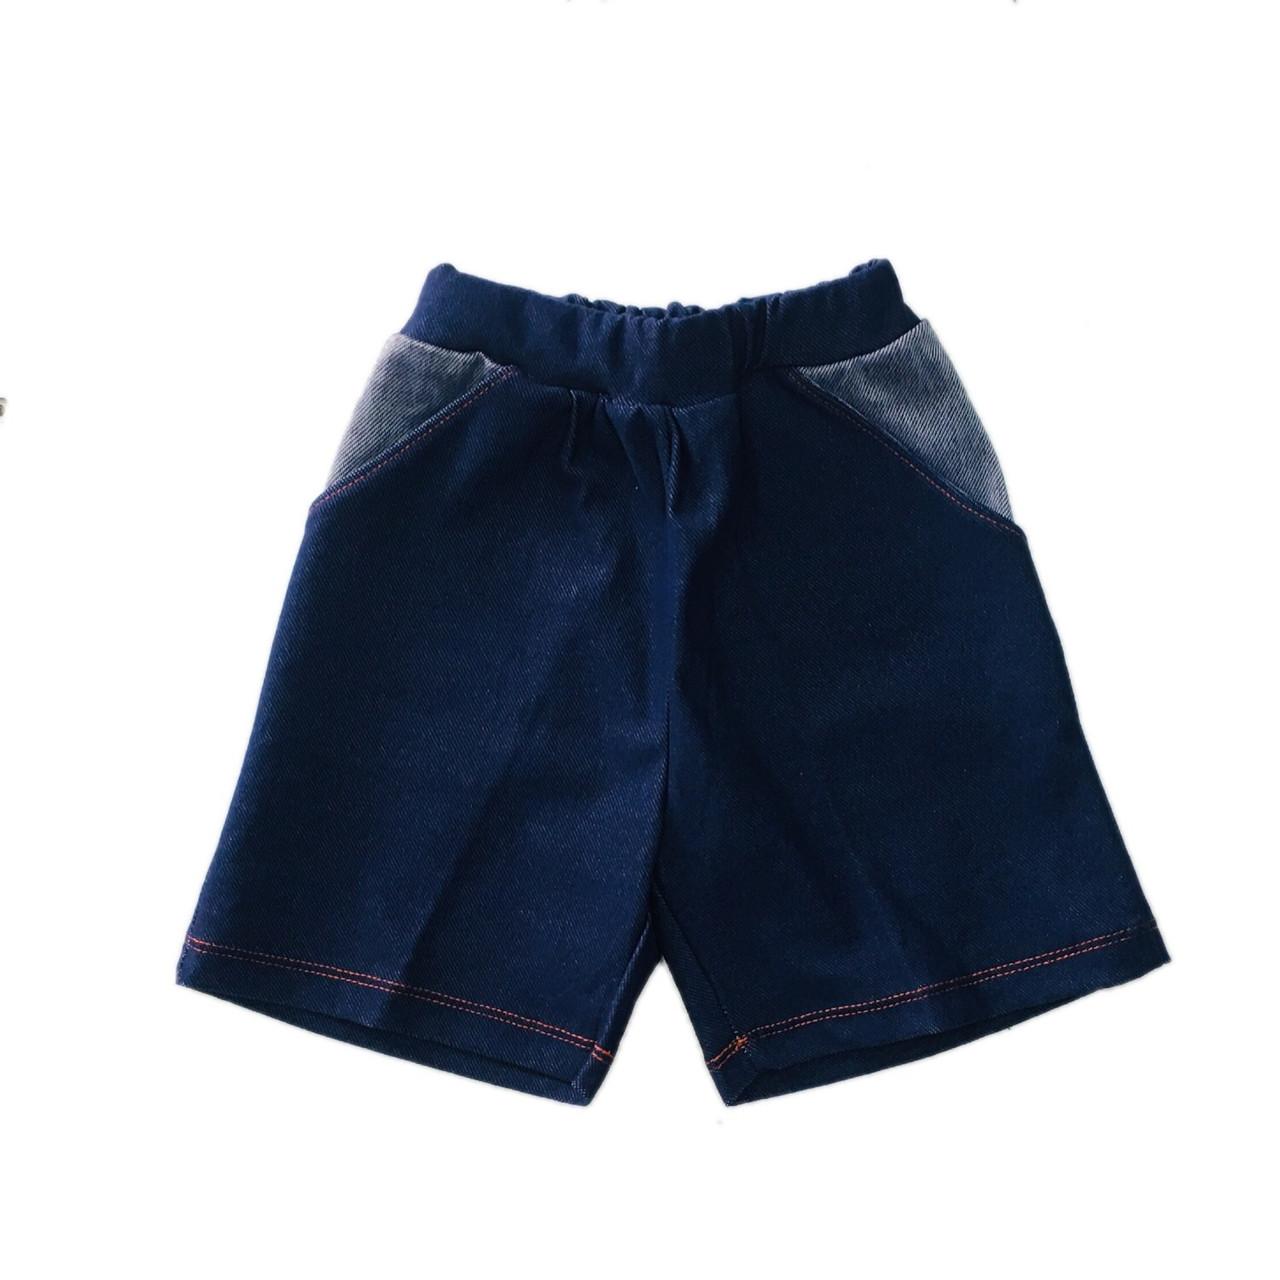 Дитячі шорти для хлопчика, 98см